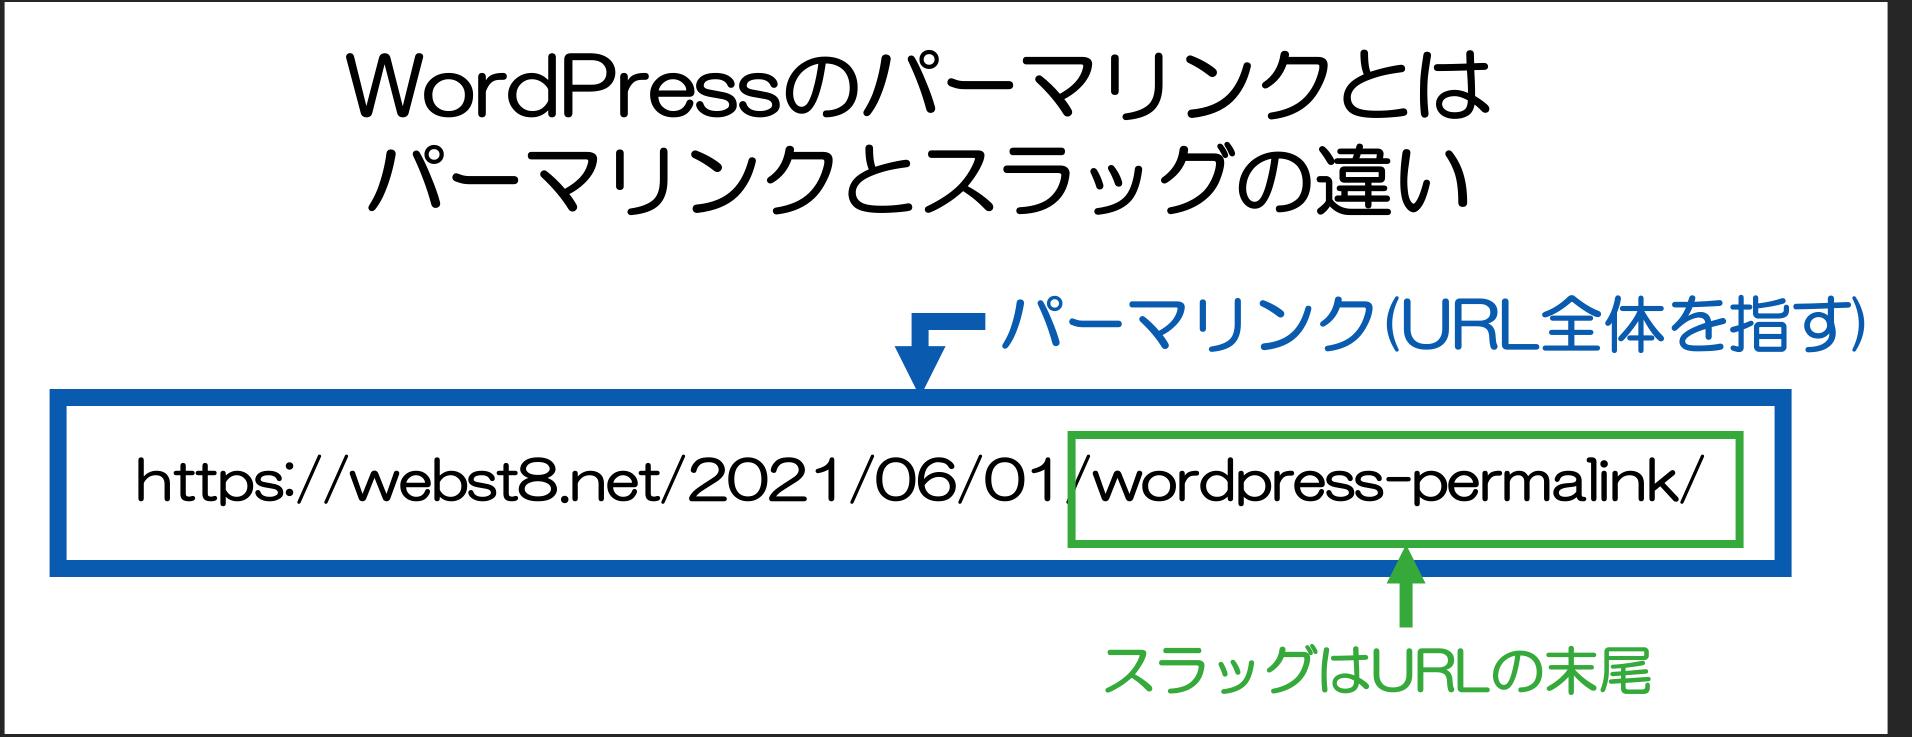 WordPressのパーマリンク とは